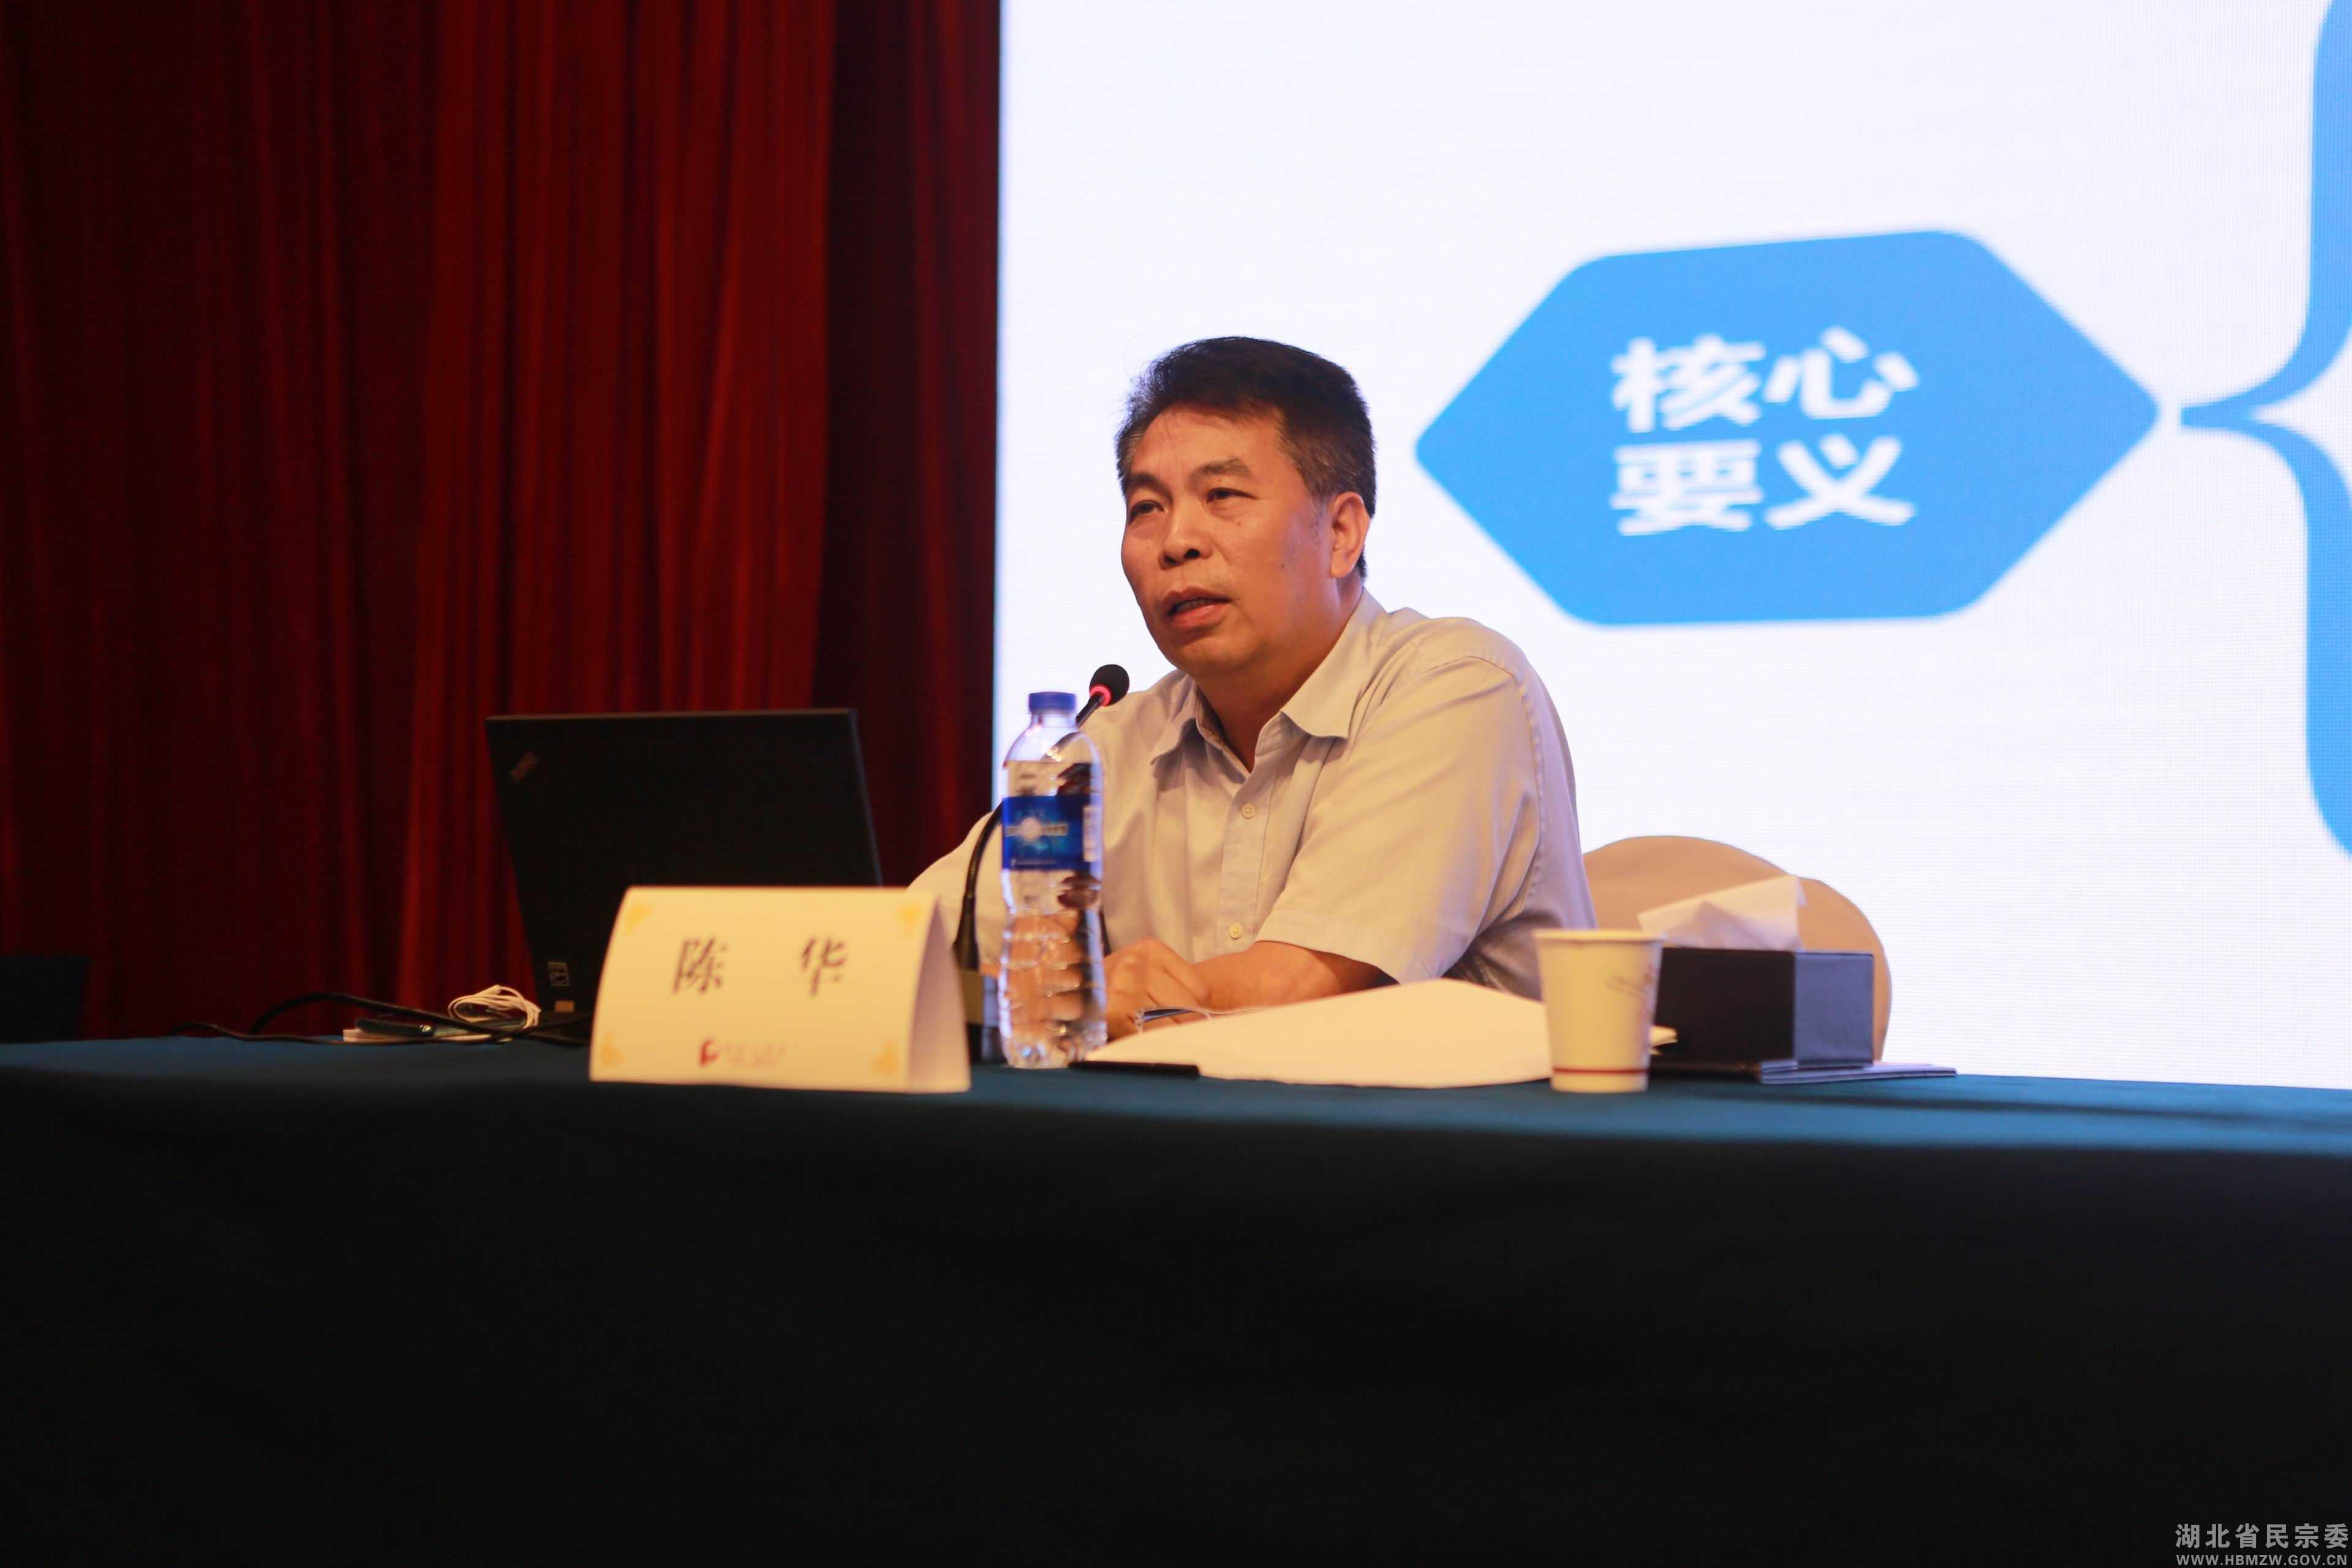 湖北省民族宗教系統宣傳信息工作培訓班在漢舉辦